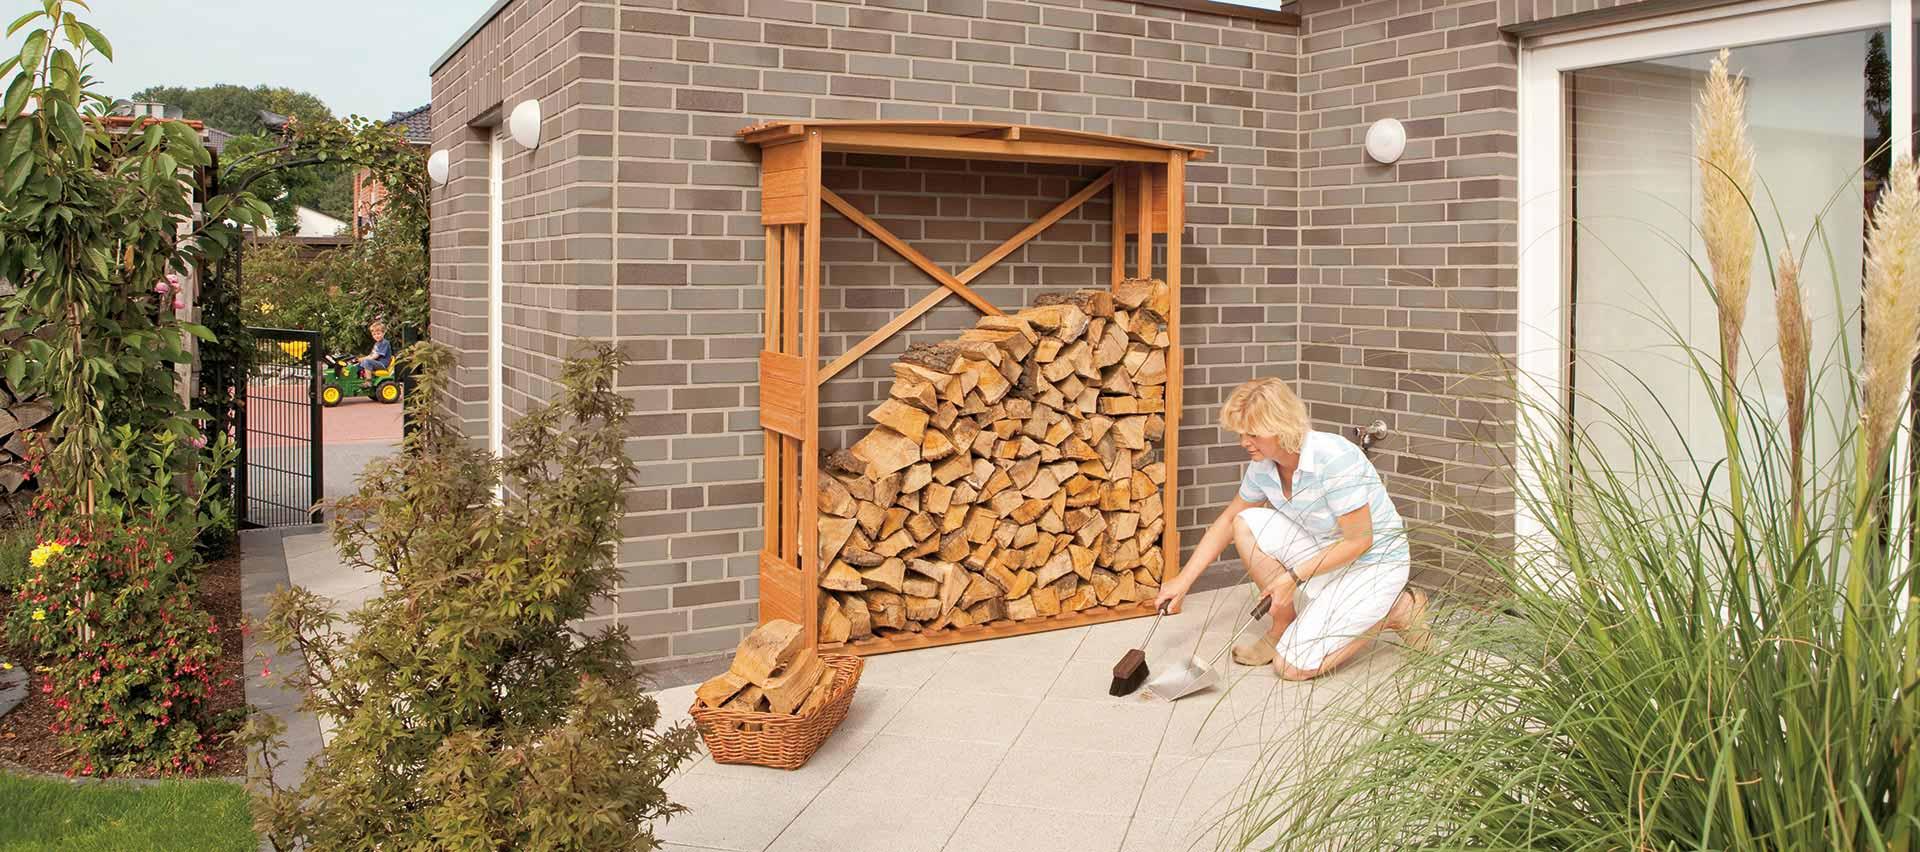 Gartenordnung Kaminholzregal von Holz-Hauff in Leingarten